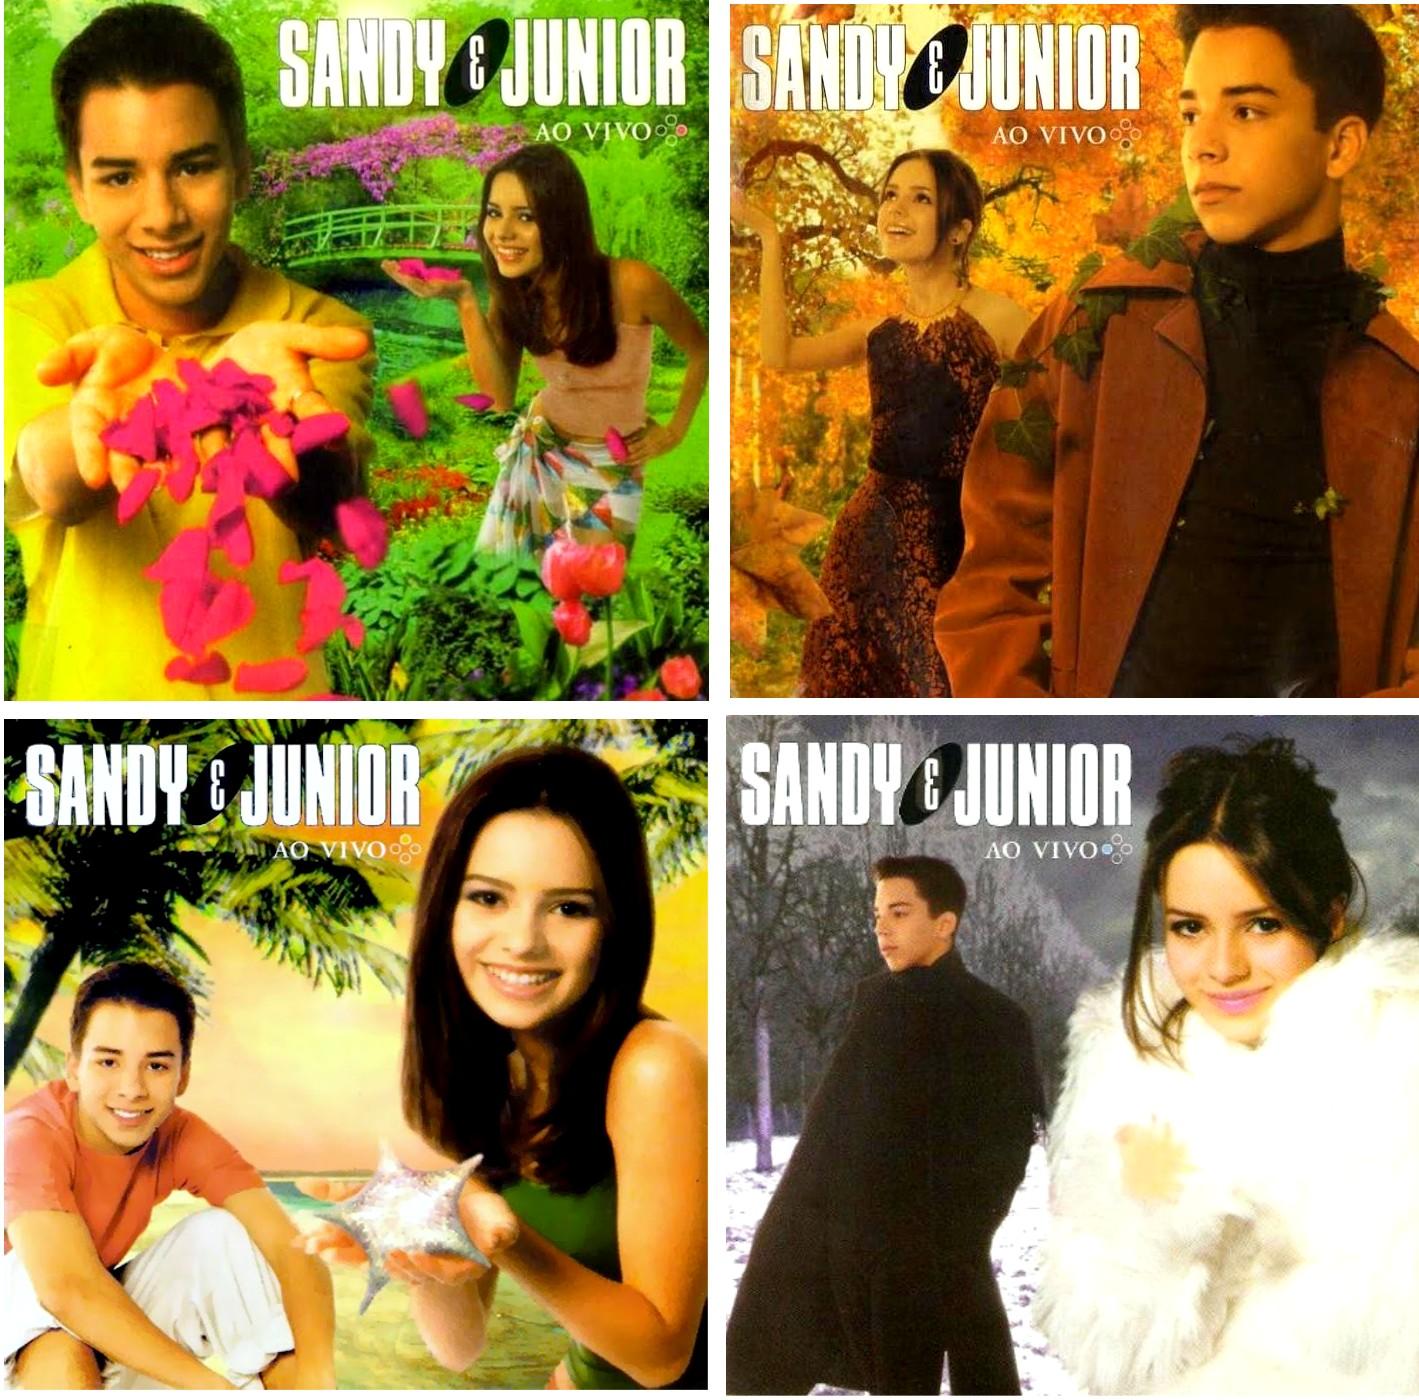 quatro estações sandy junior capa